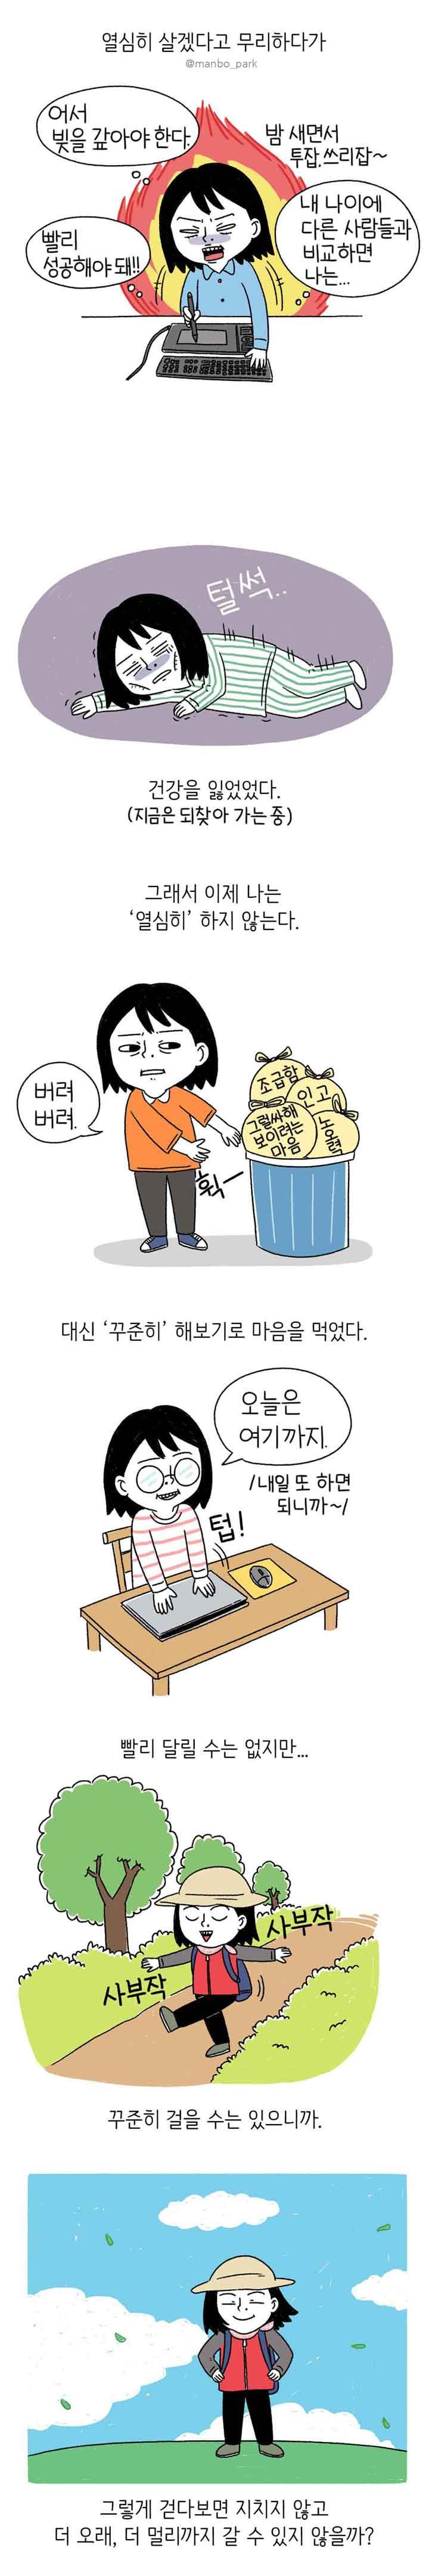 열심히 꾸준히_0